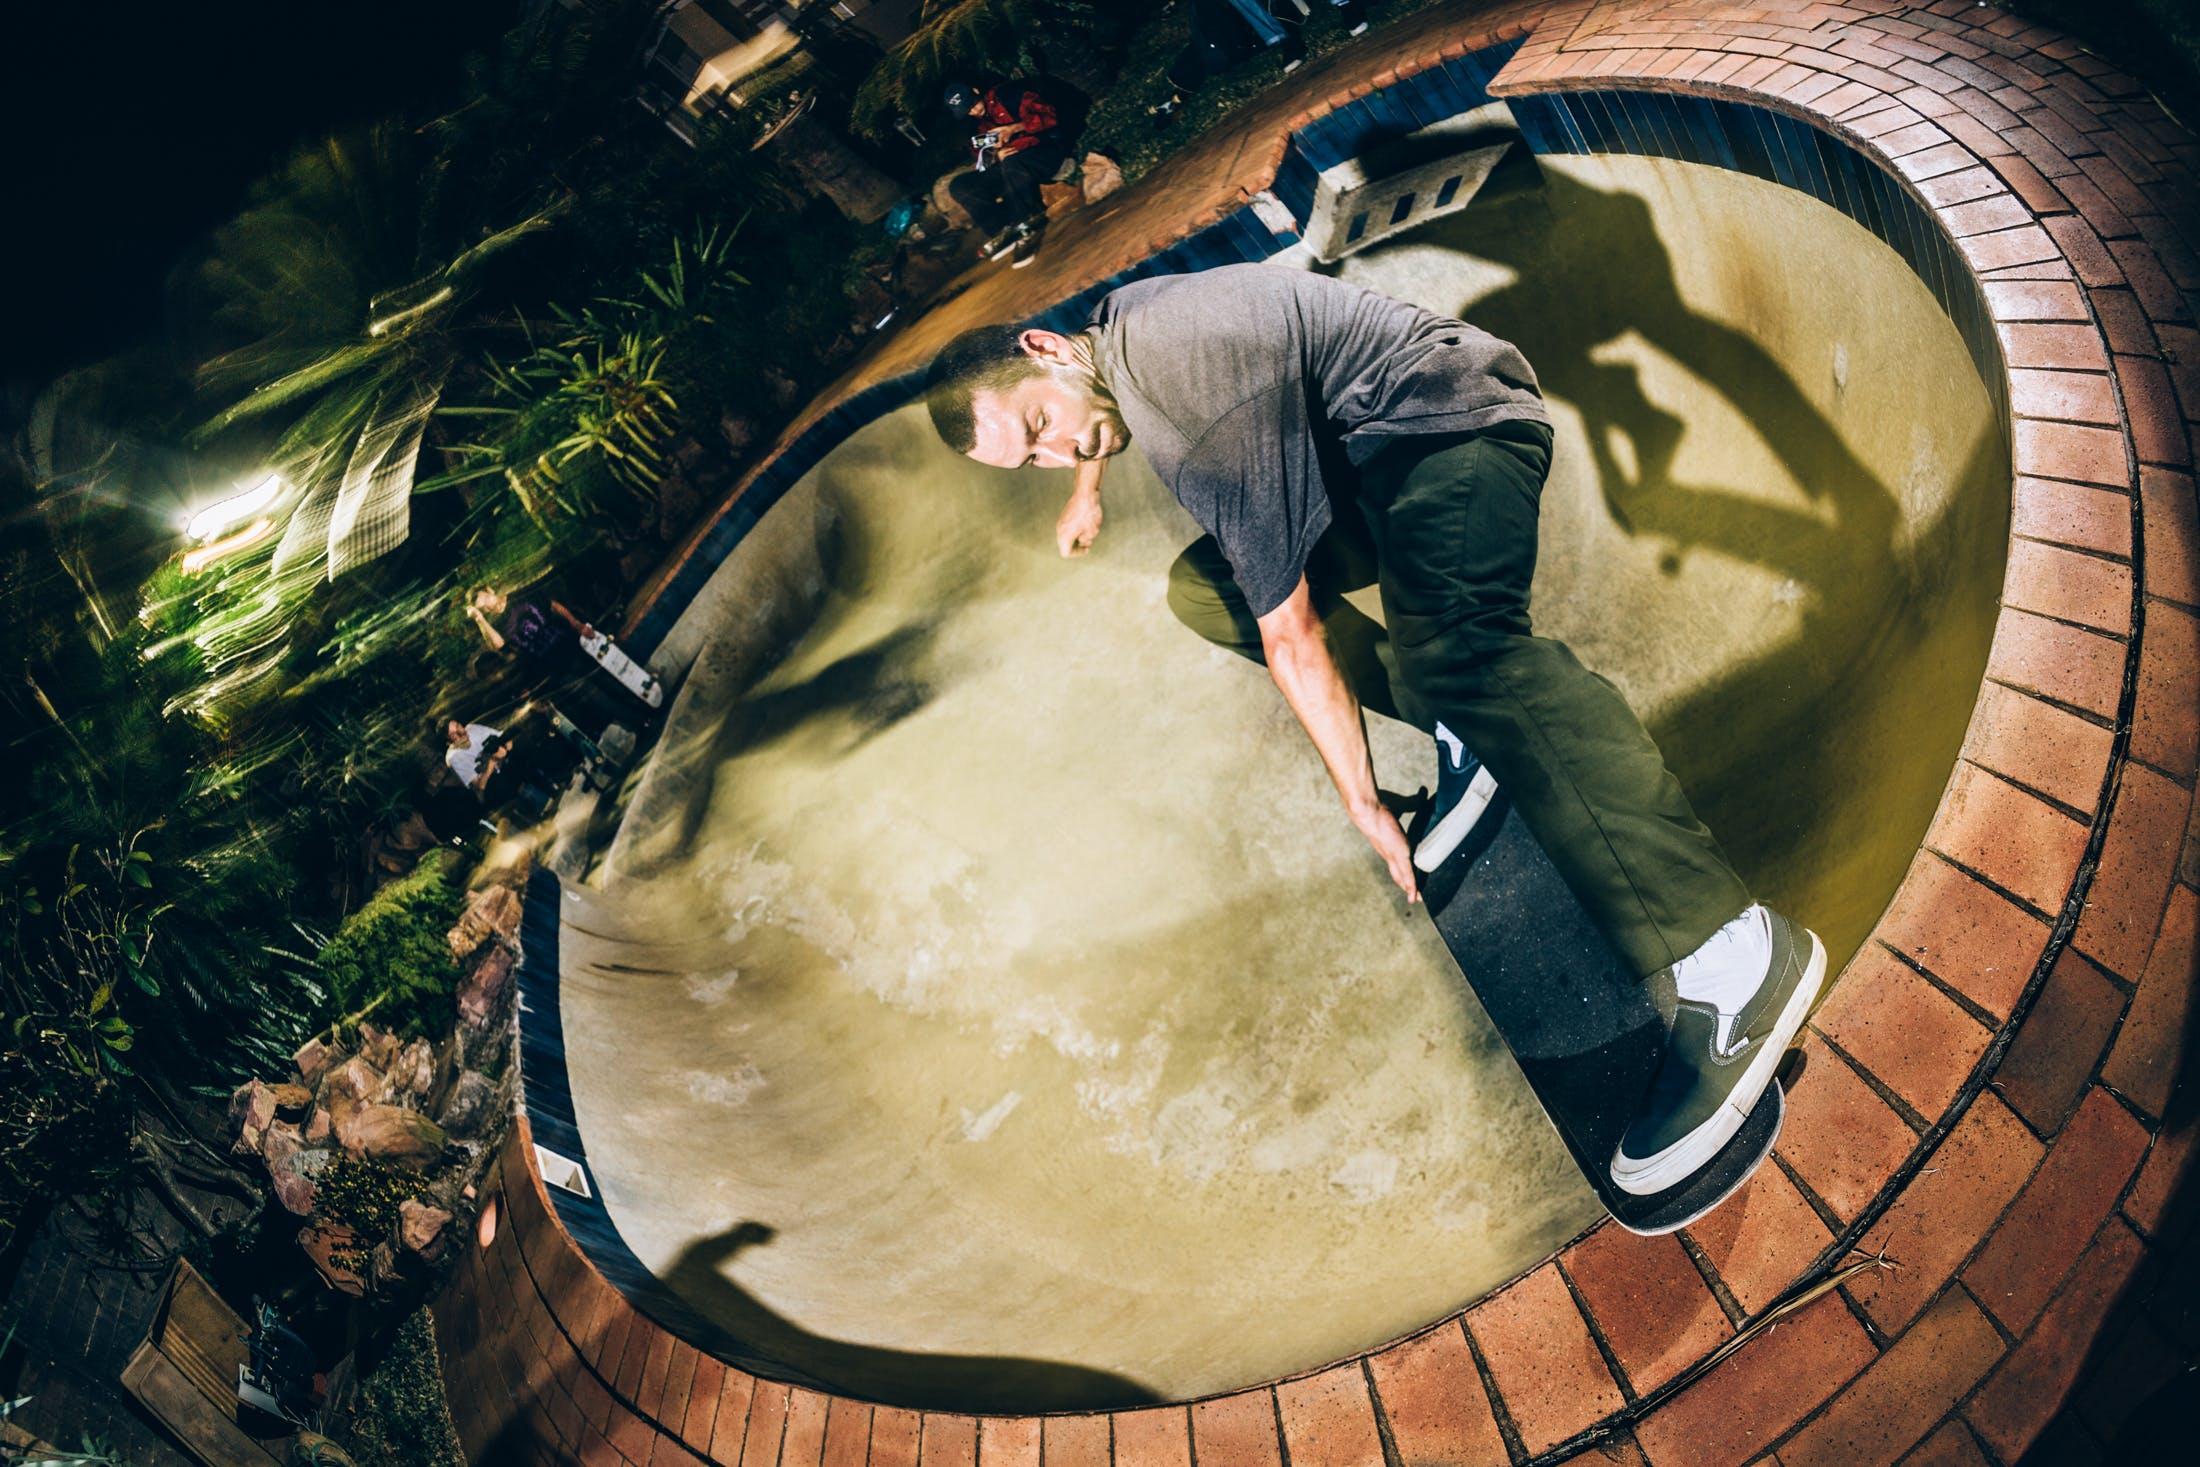 Sam Beckett skateboarding a backyard pool in durban